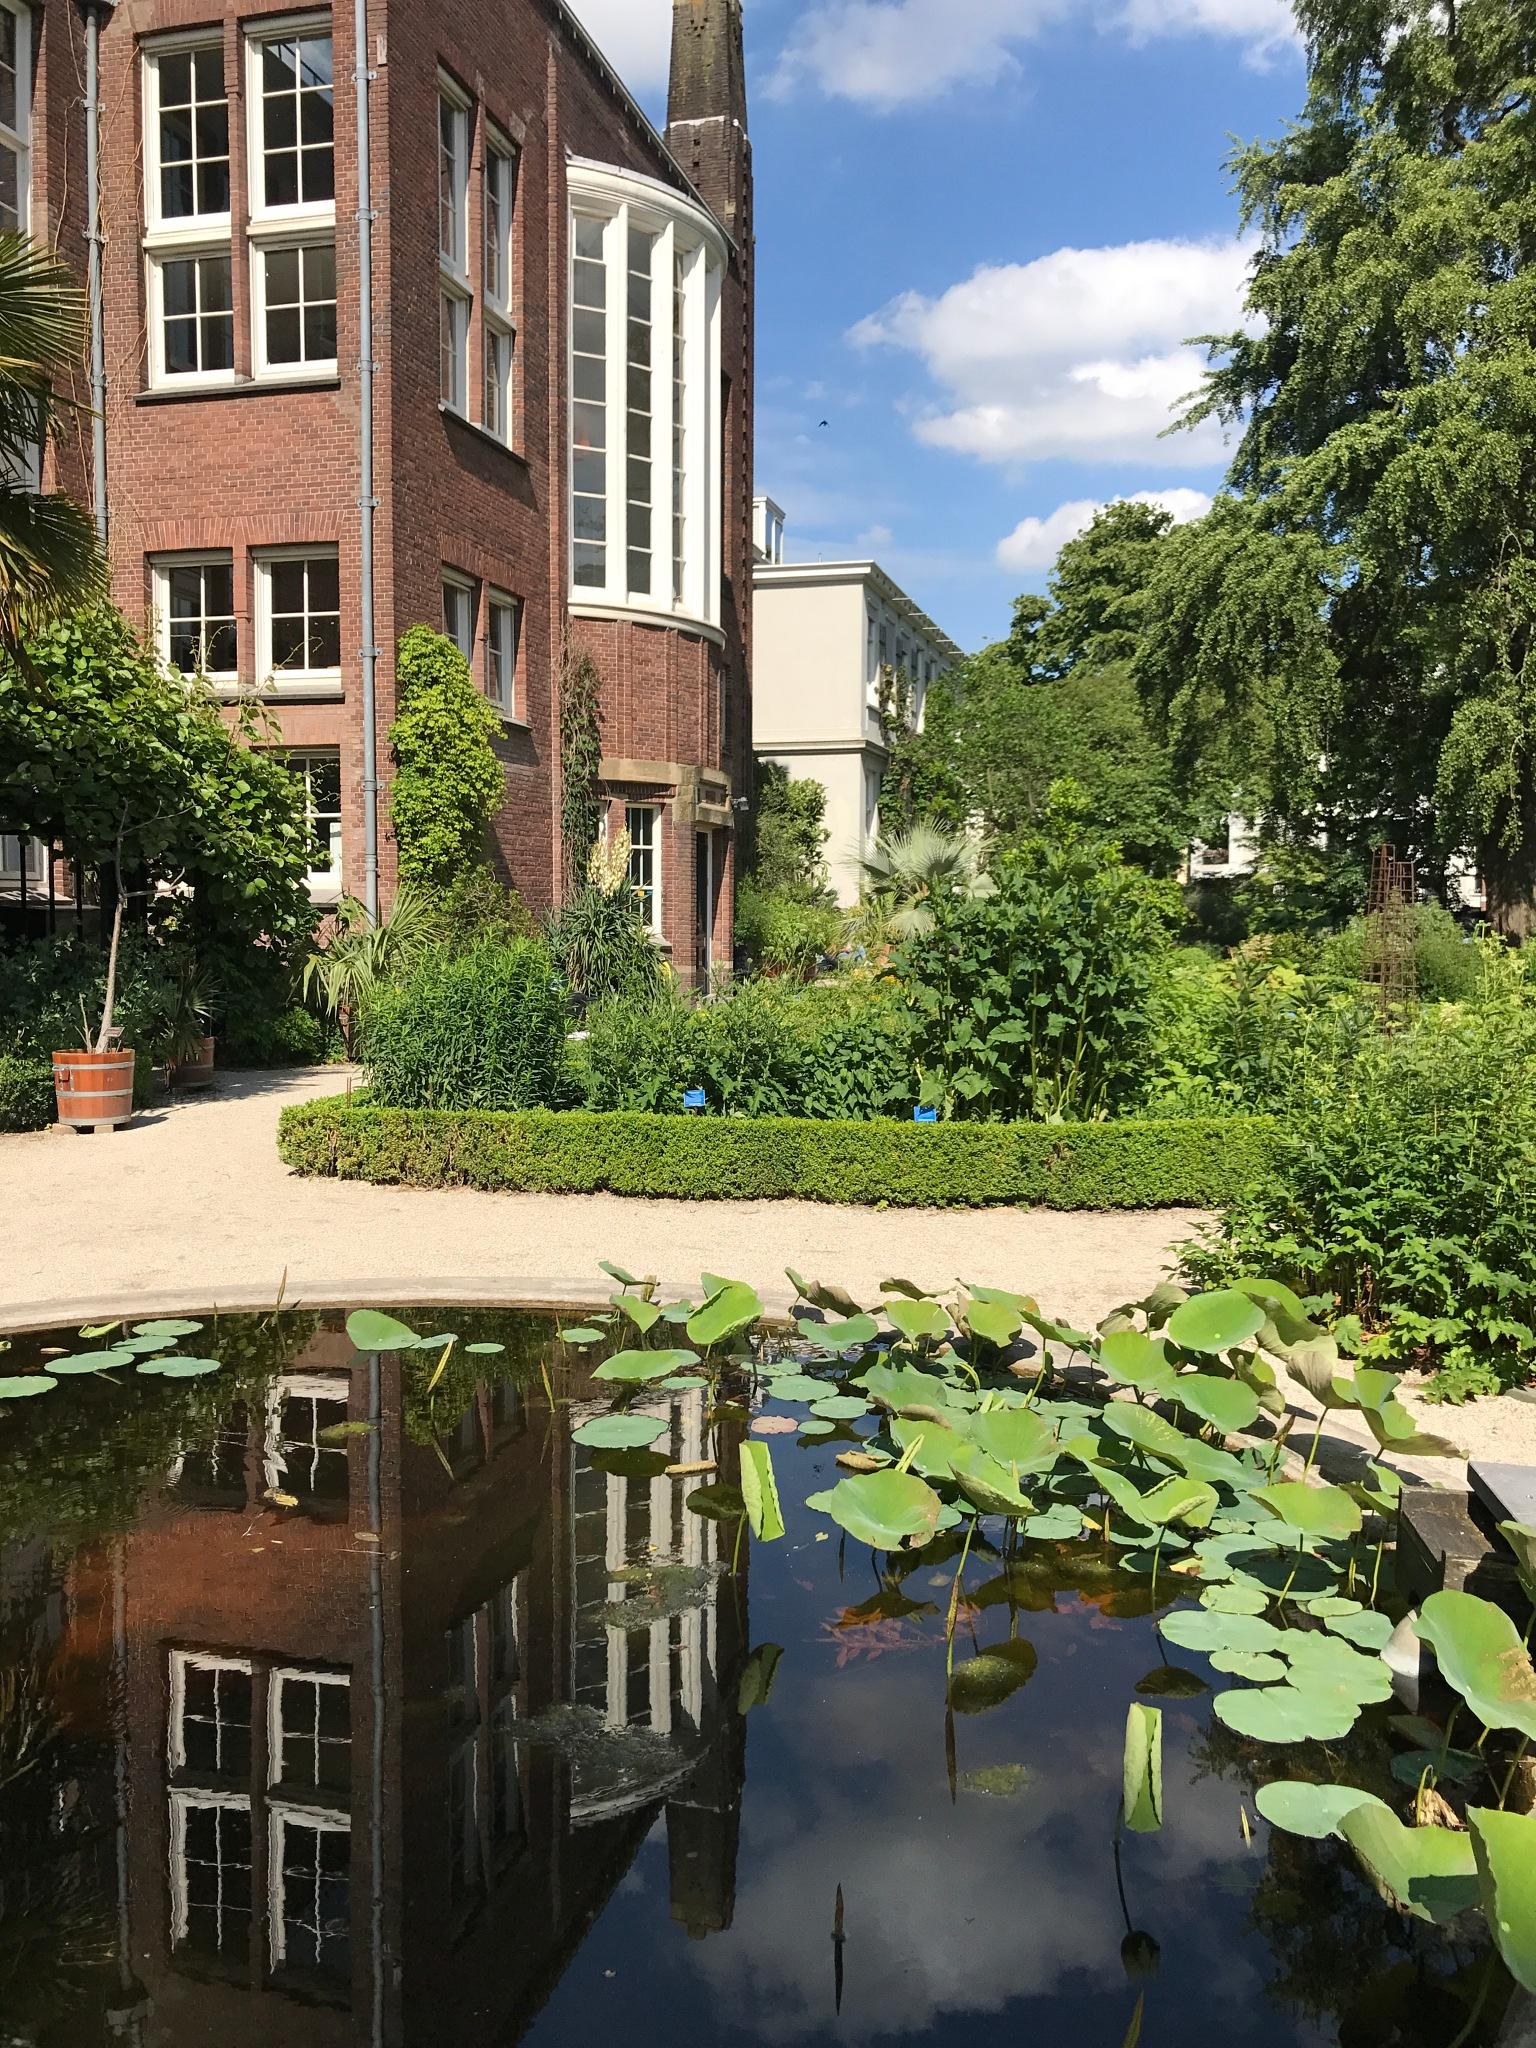 Hortus Botanicus, Amsterdam, Netherlands by Meggie Knoblock